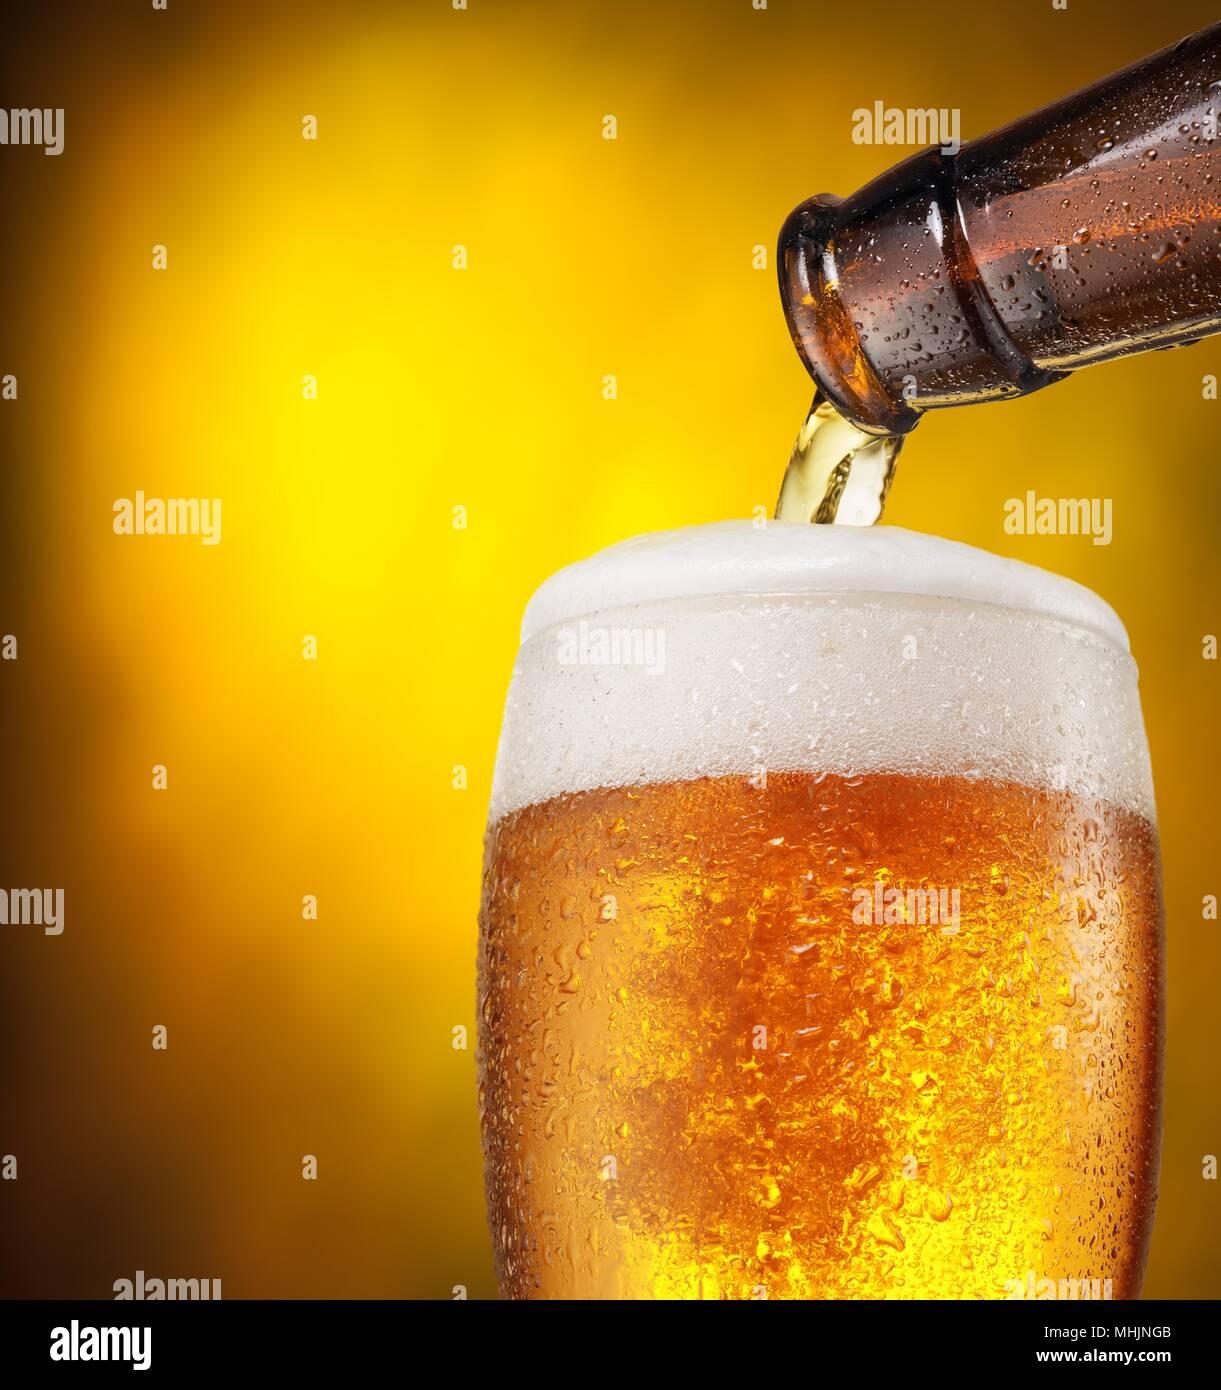 Nahaufnahme der Weingläser auf schwarzem Hintergrund Bier - Alkohol Cocktail gemischt Trinken Stockbild